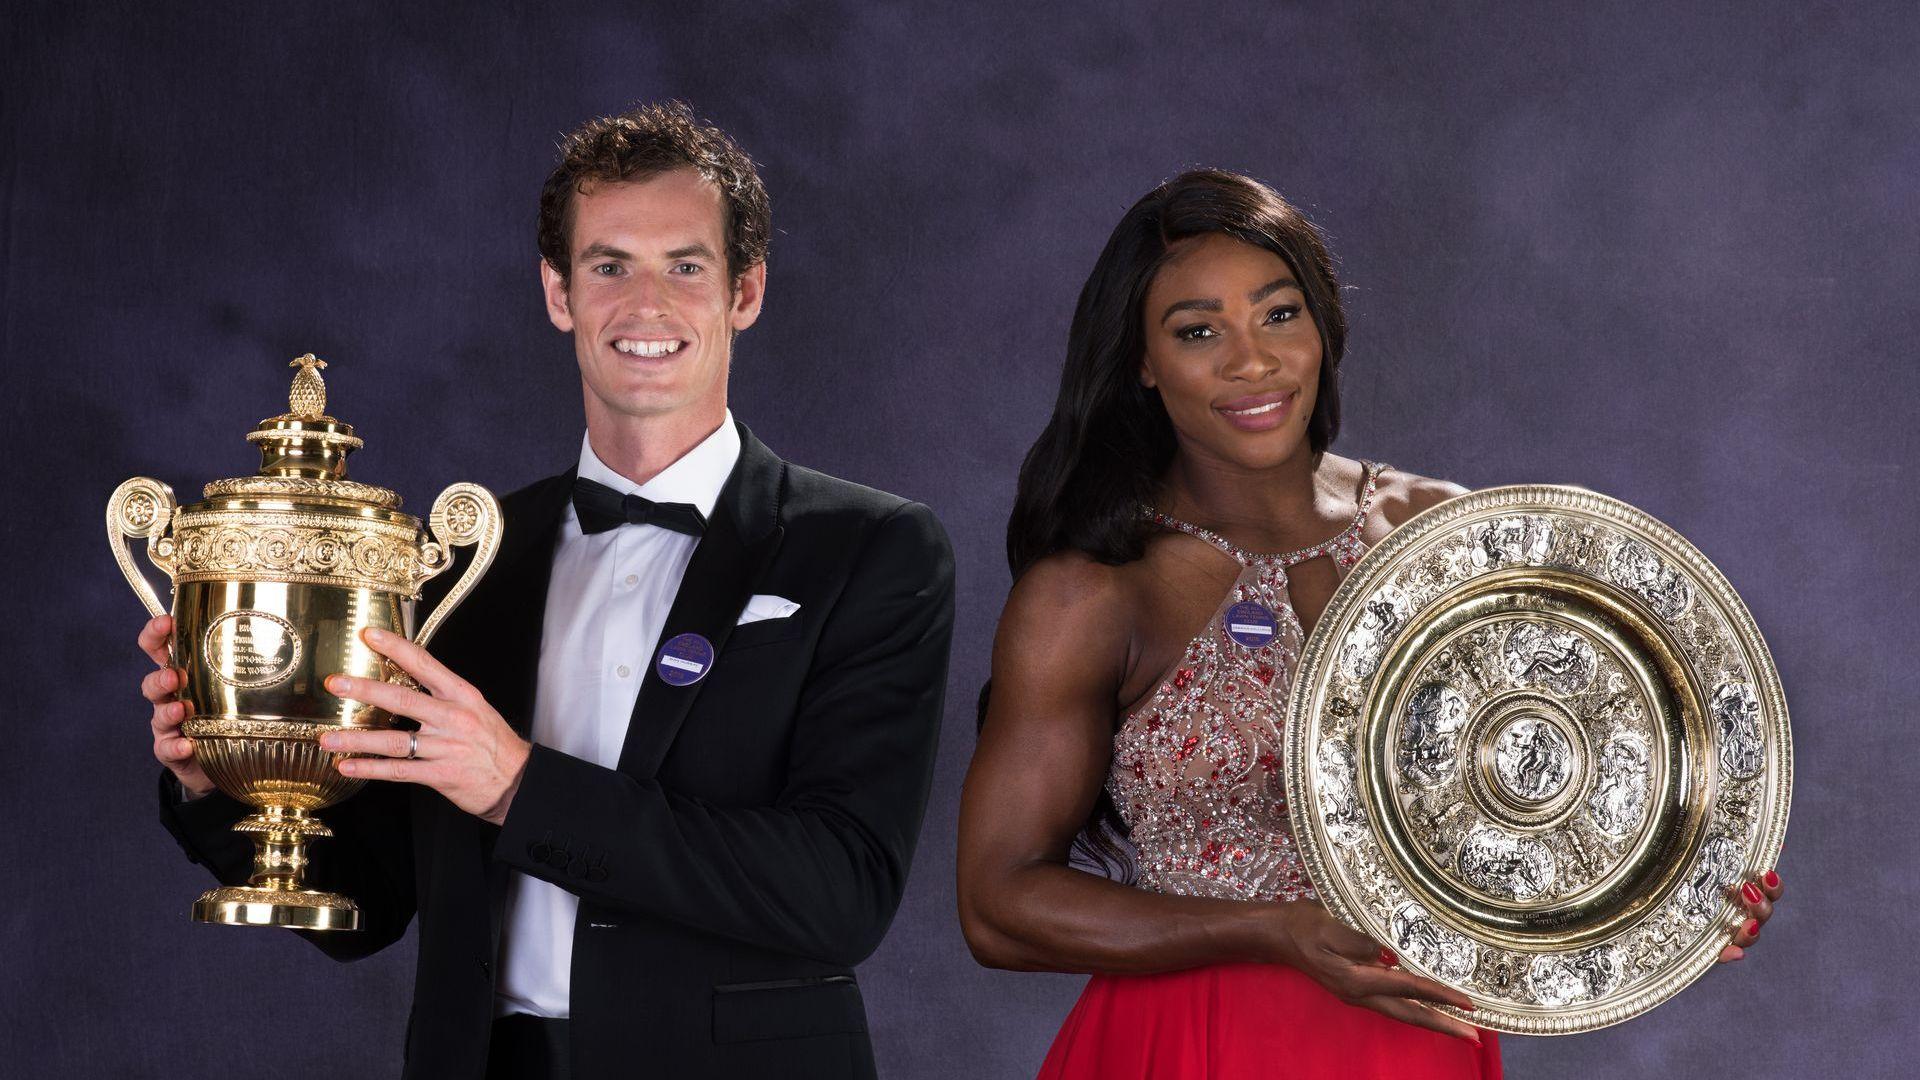 Мечтаната шампионска двойка вече е факт в Лондон